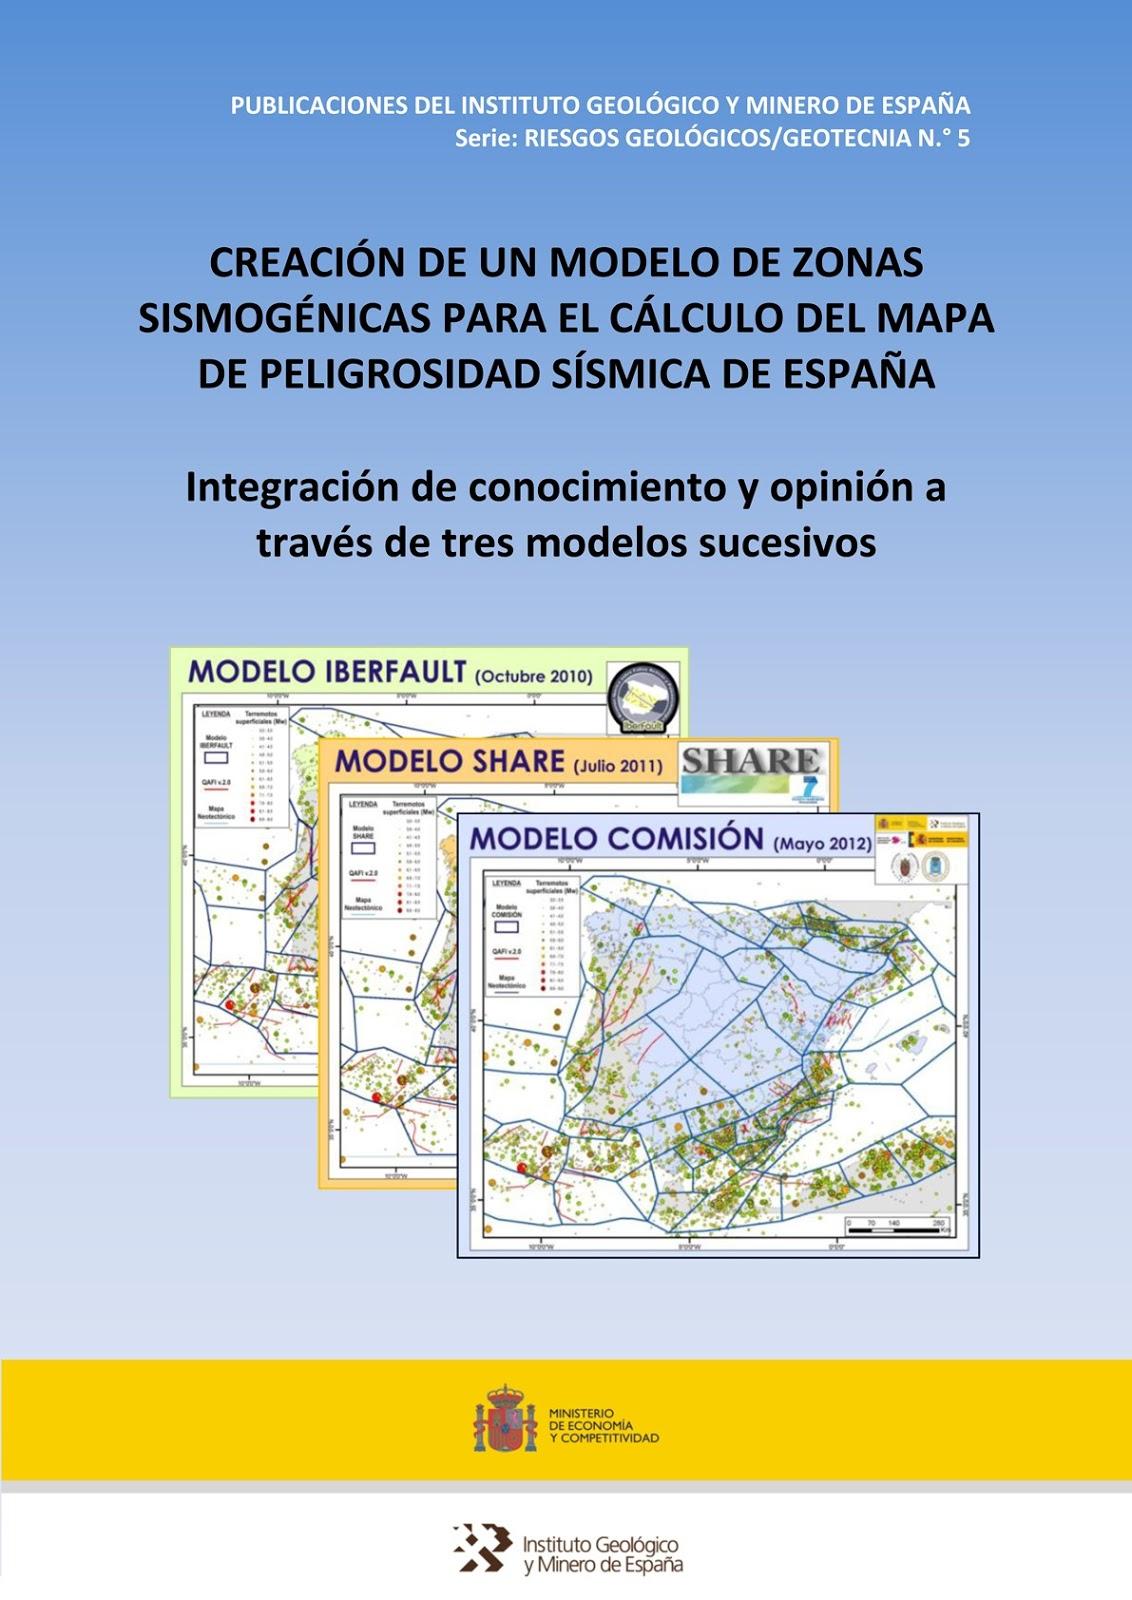 Riesgos geológicos/Geotécnia | Publicaciones del IGME